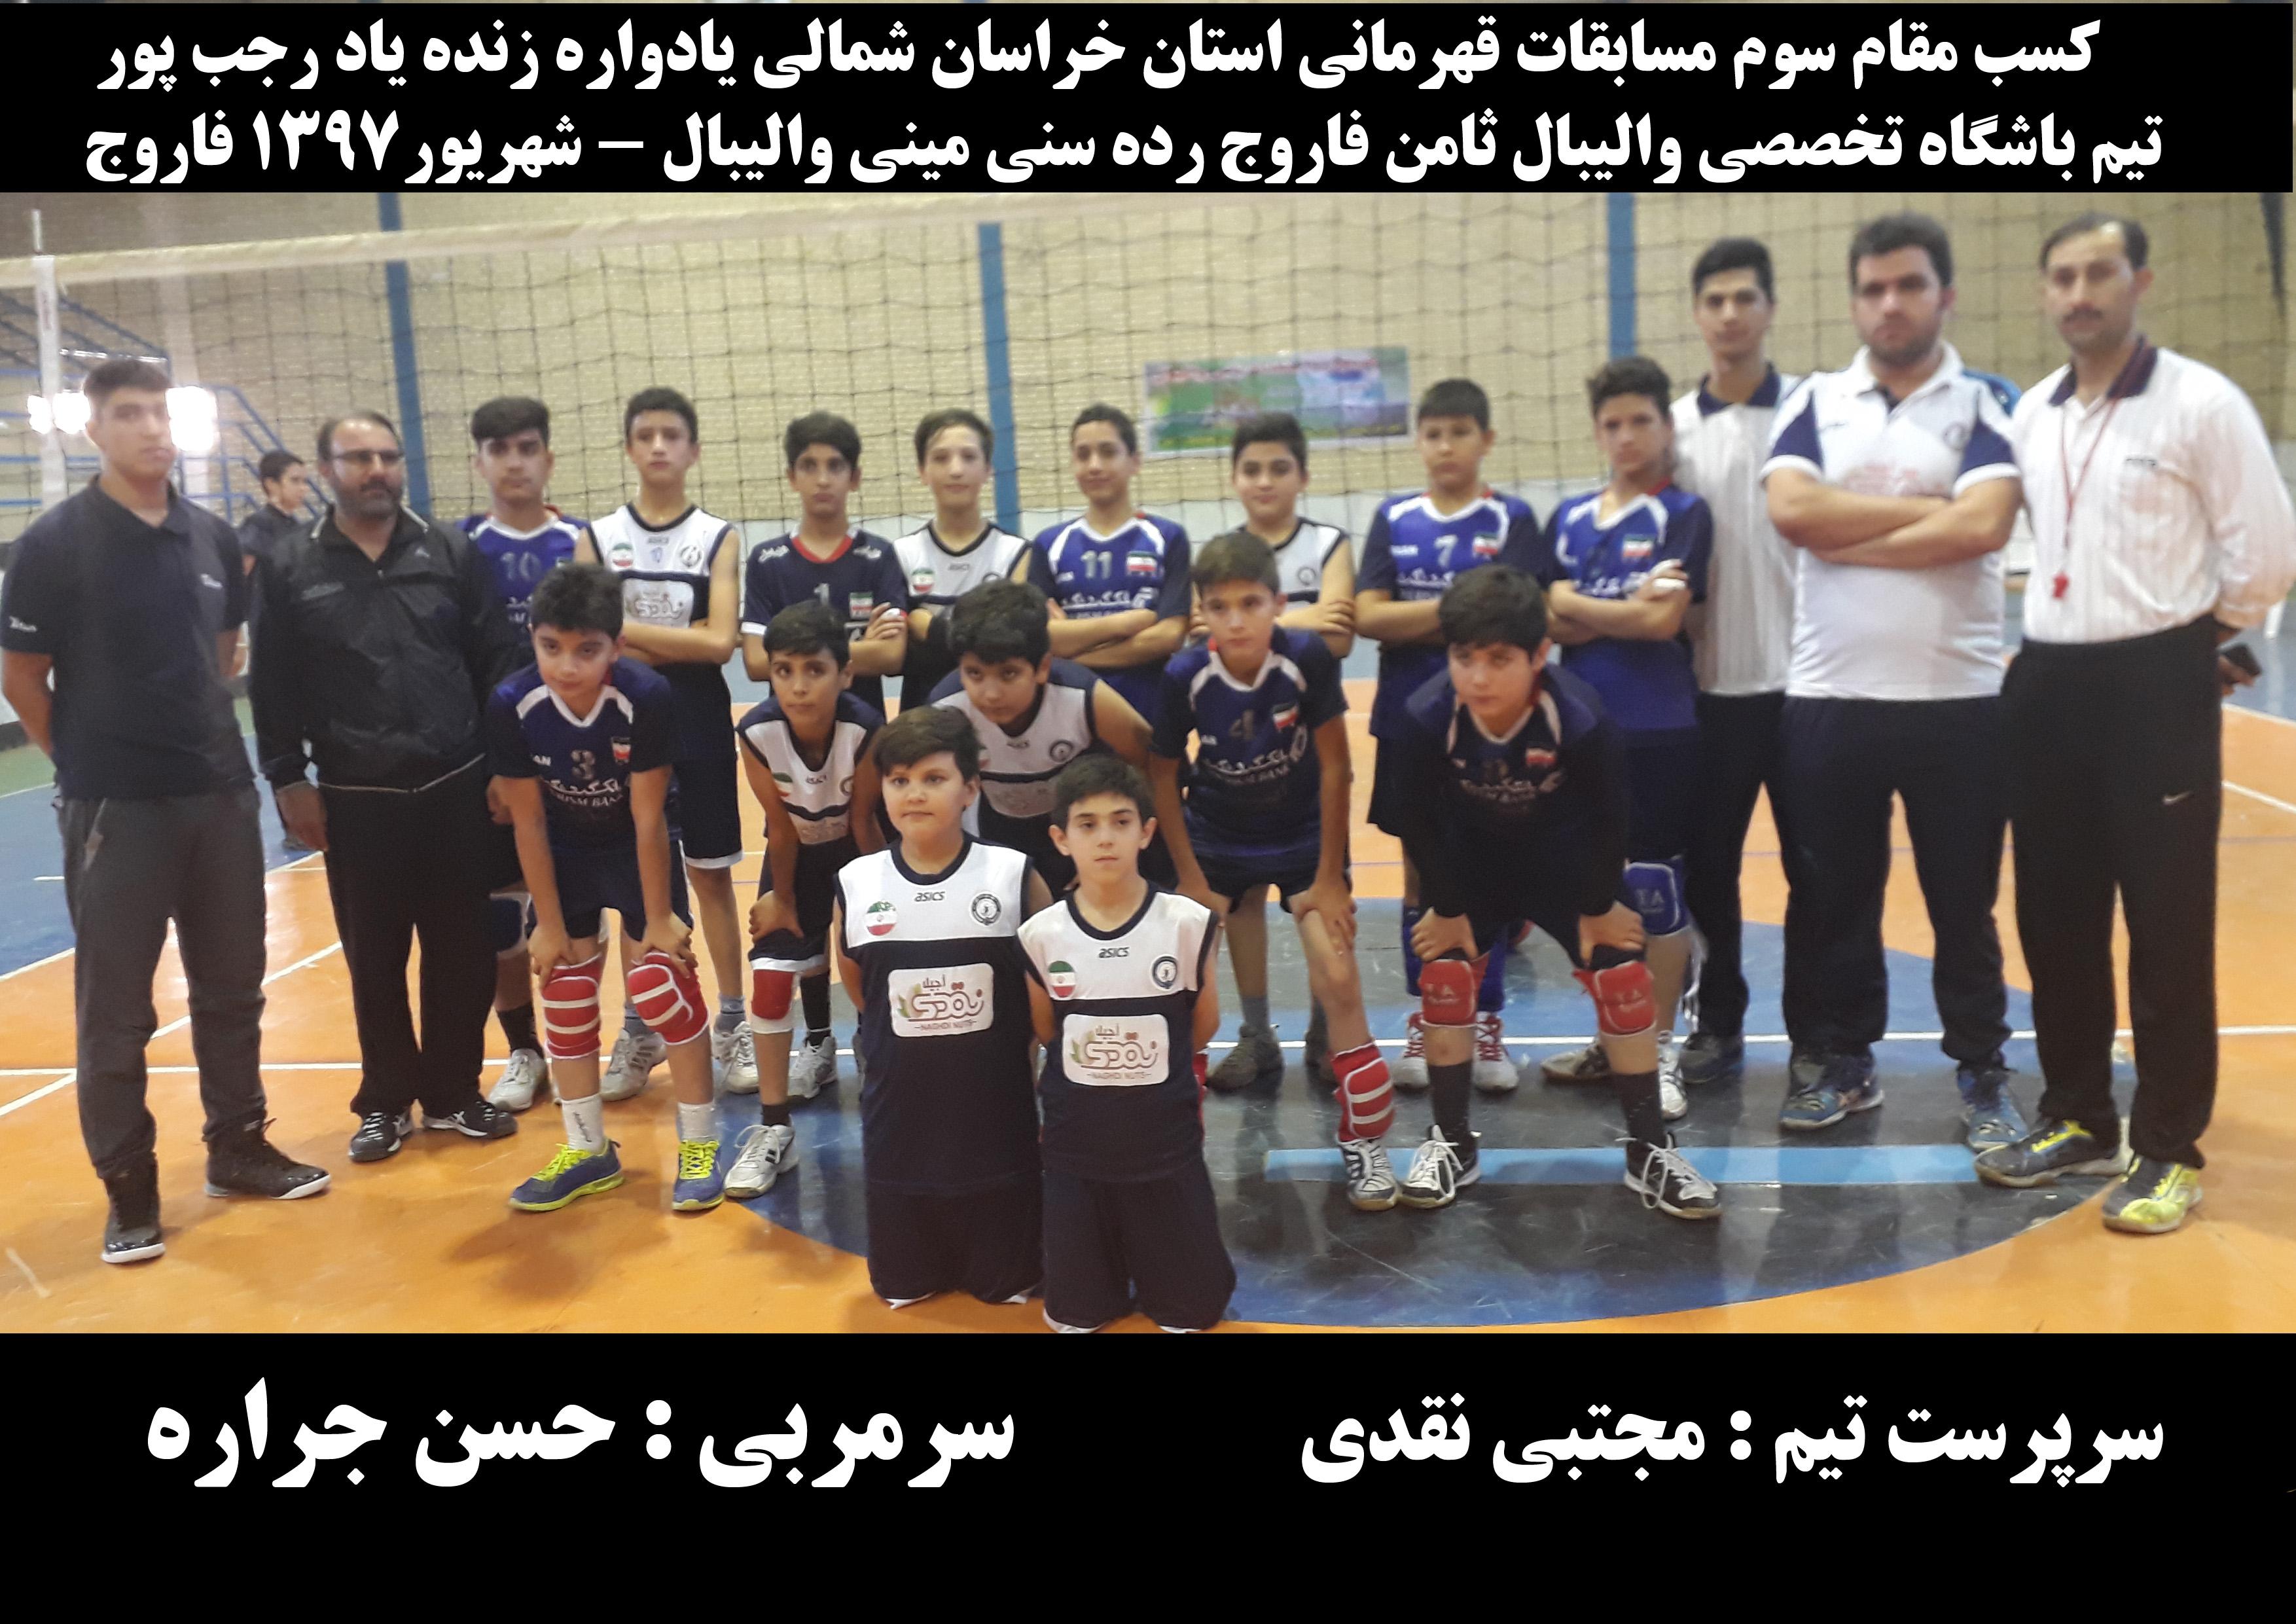 کسب مقام سوم  تیم باشگاه تخصصی والیبال ثامن فاروج در مسابقات خردسالان استان خراسان شمالی  با حضور 11 تیم